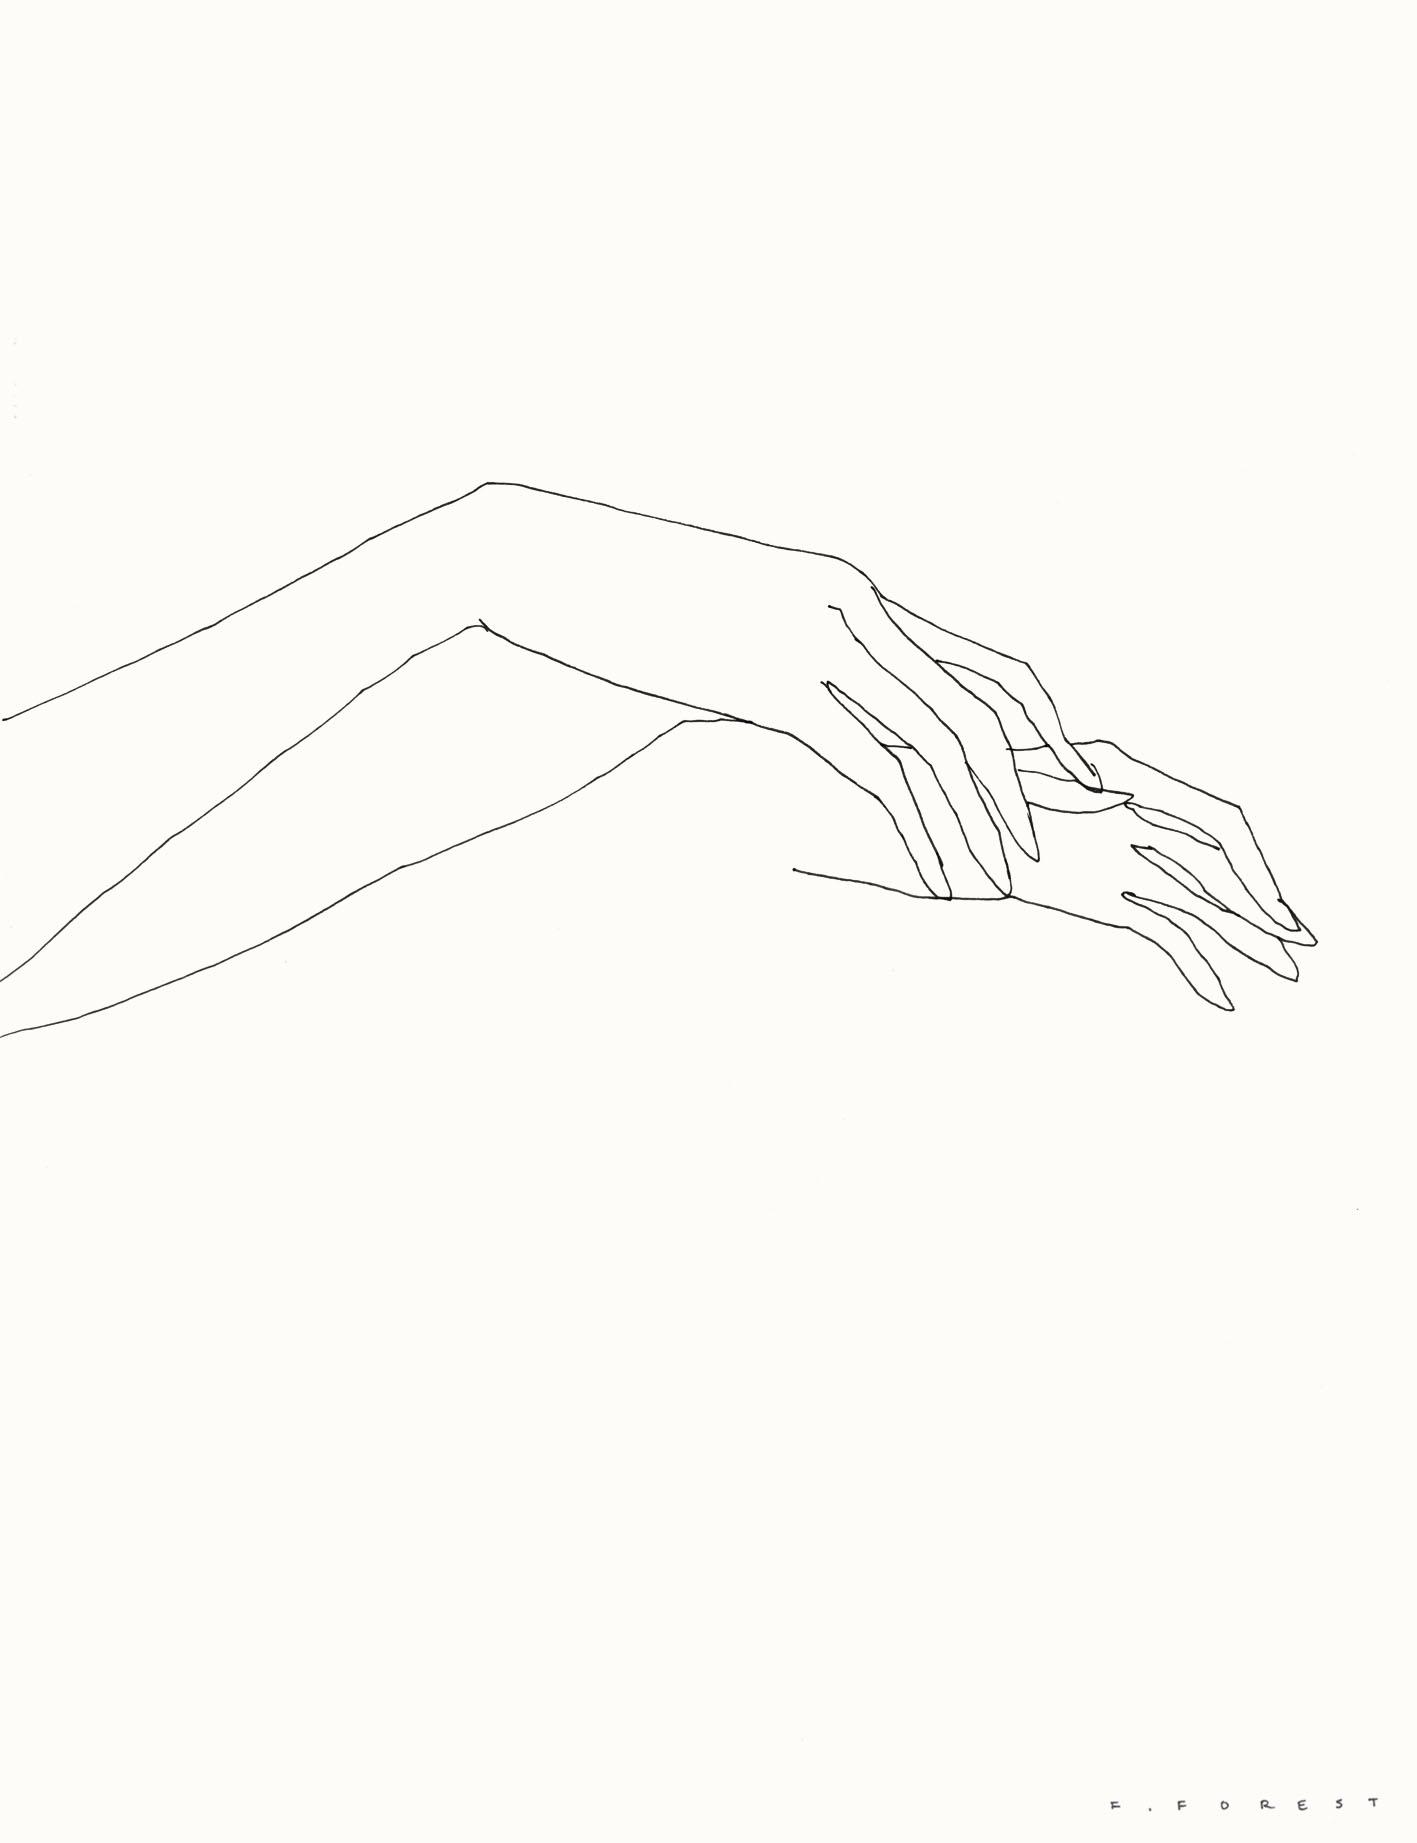 Hands Dancing #63